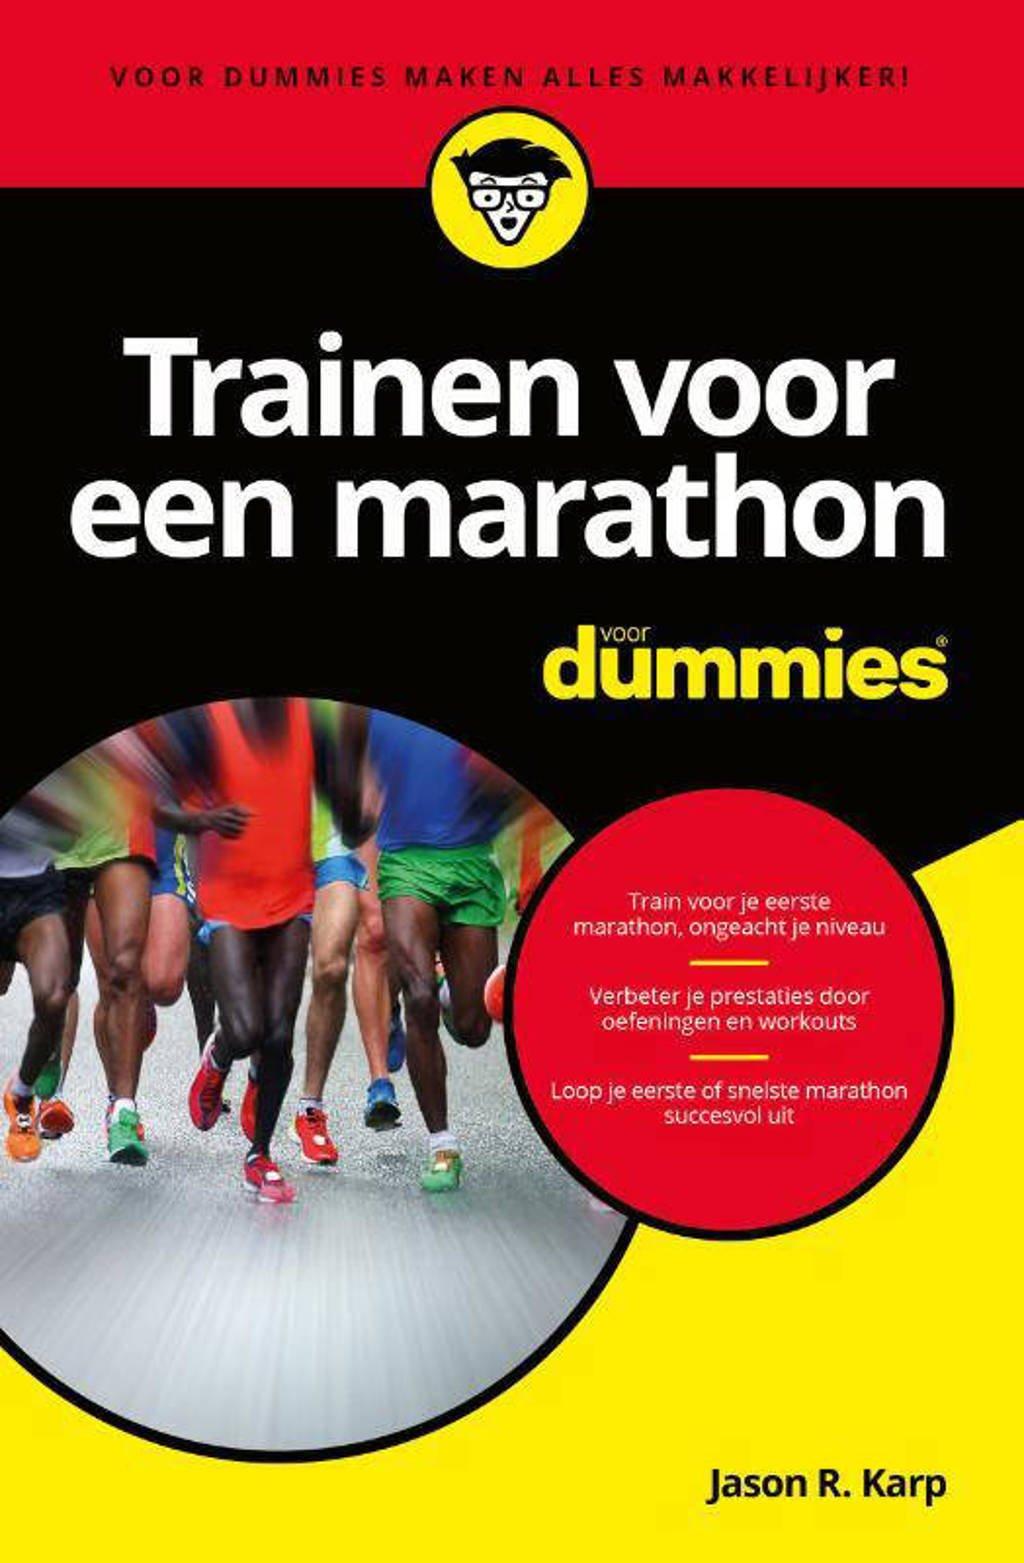 Trainen voor een marathon voor Dummies - Jason R. Karp